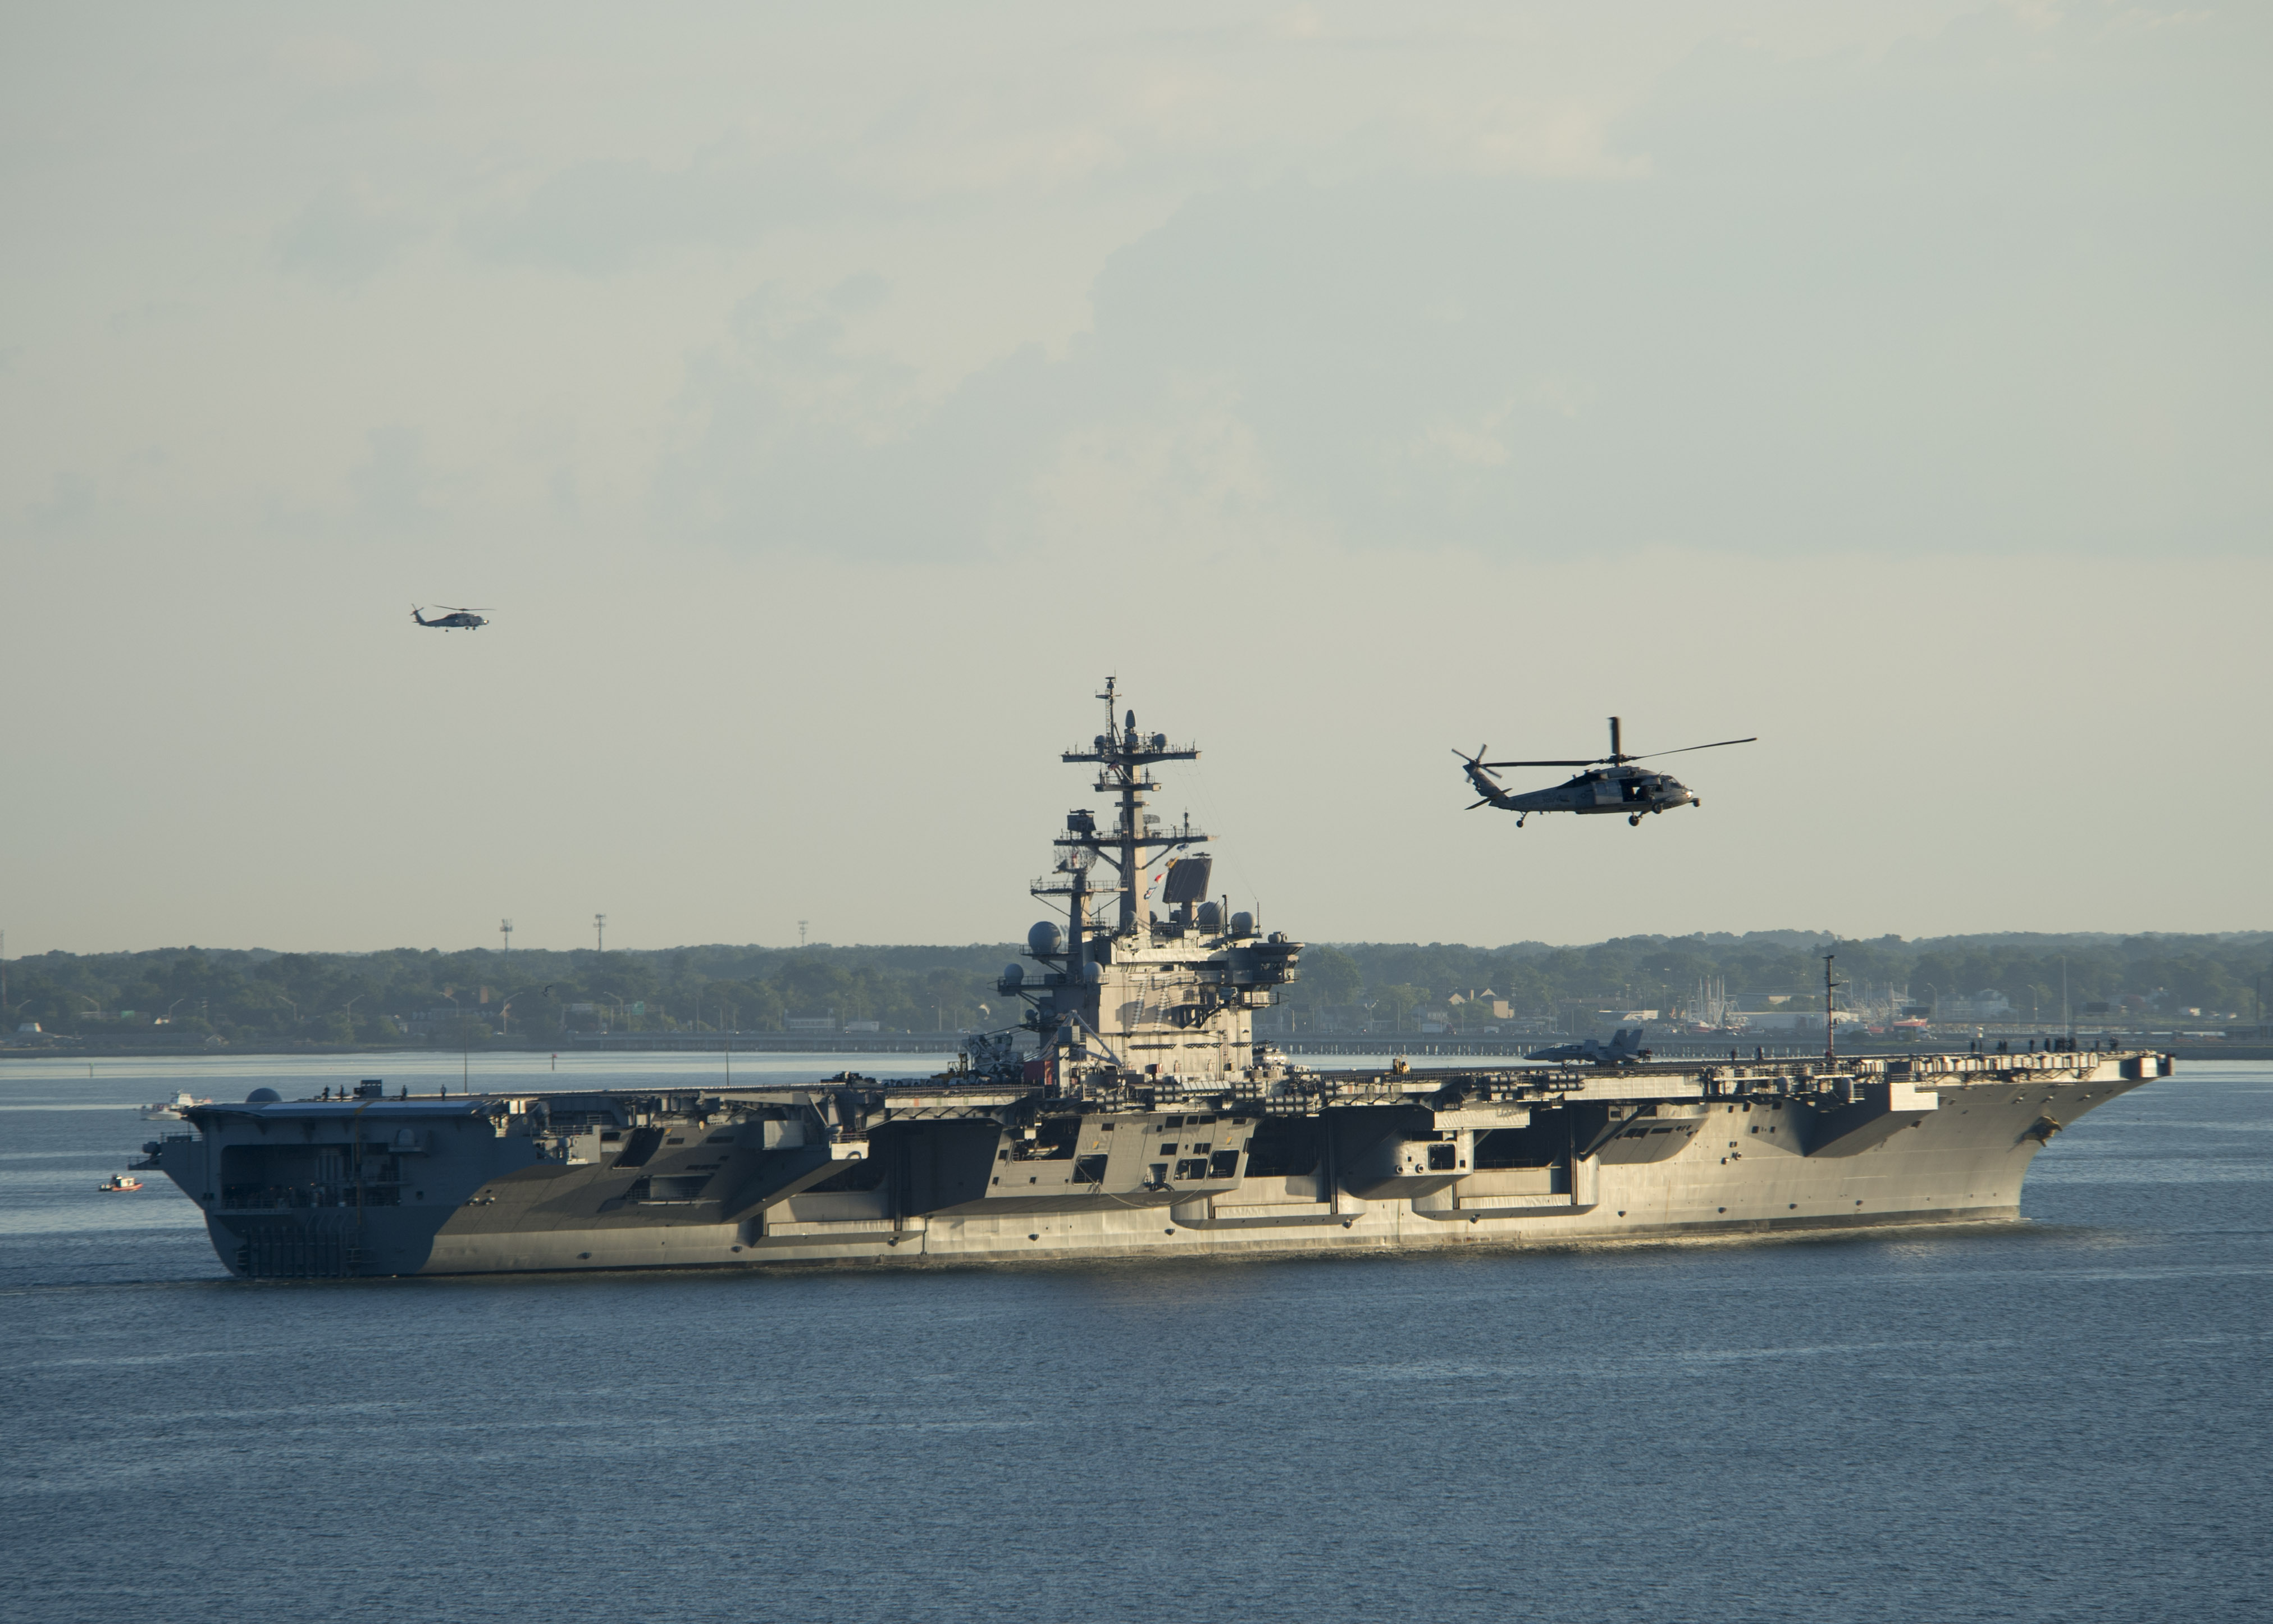 USS GEORGE H.W. BUSH CVN-77 am 30.07.2013